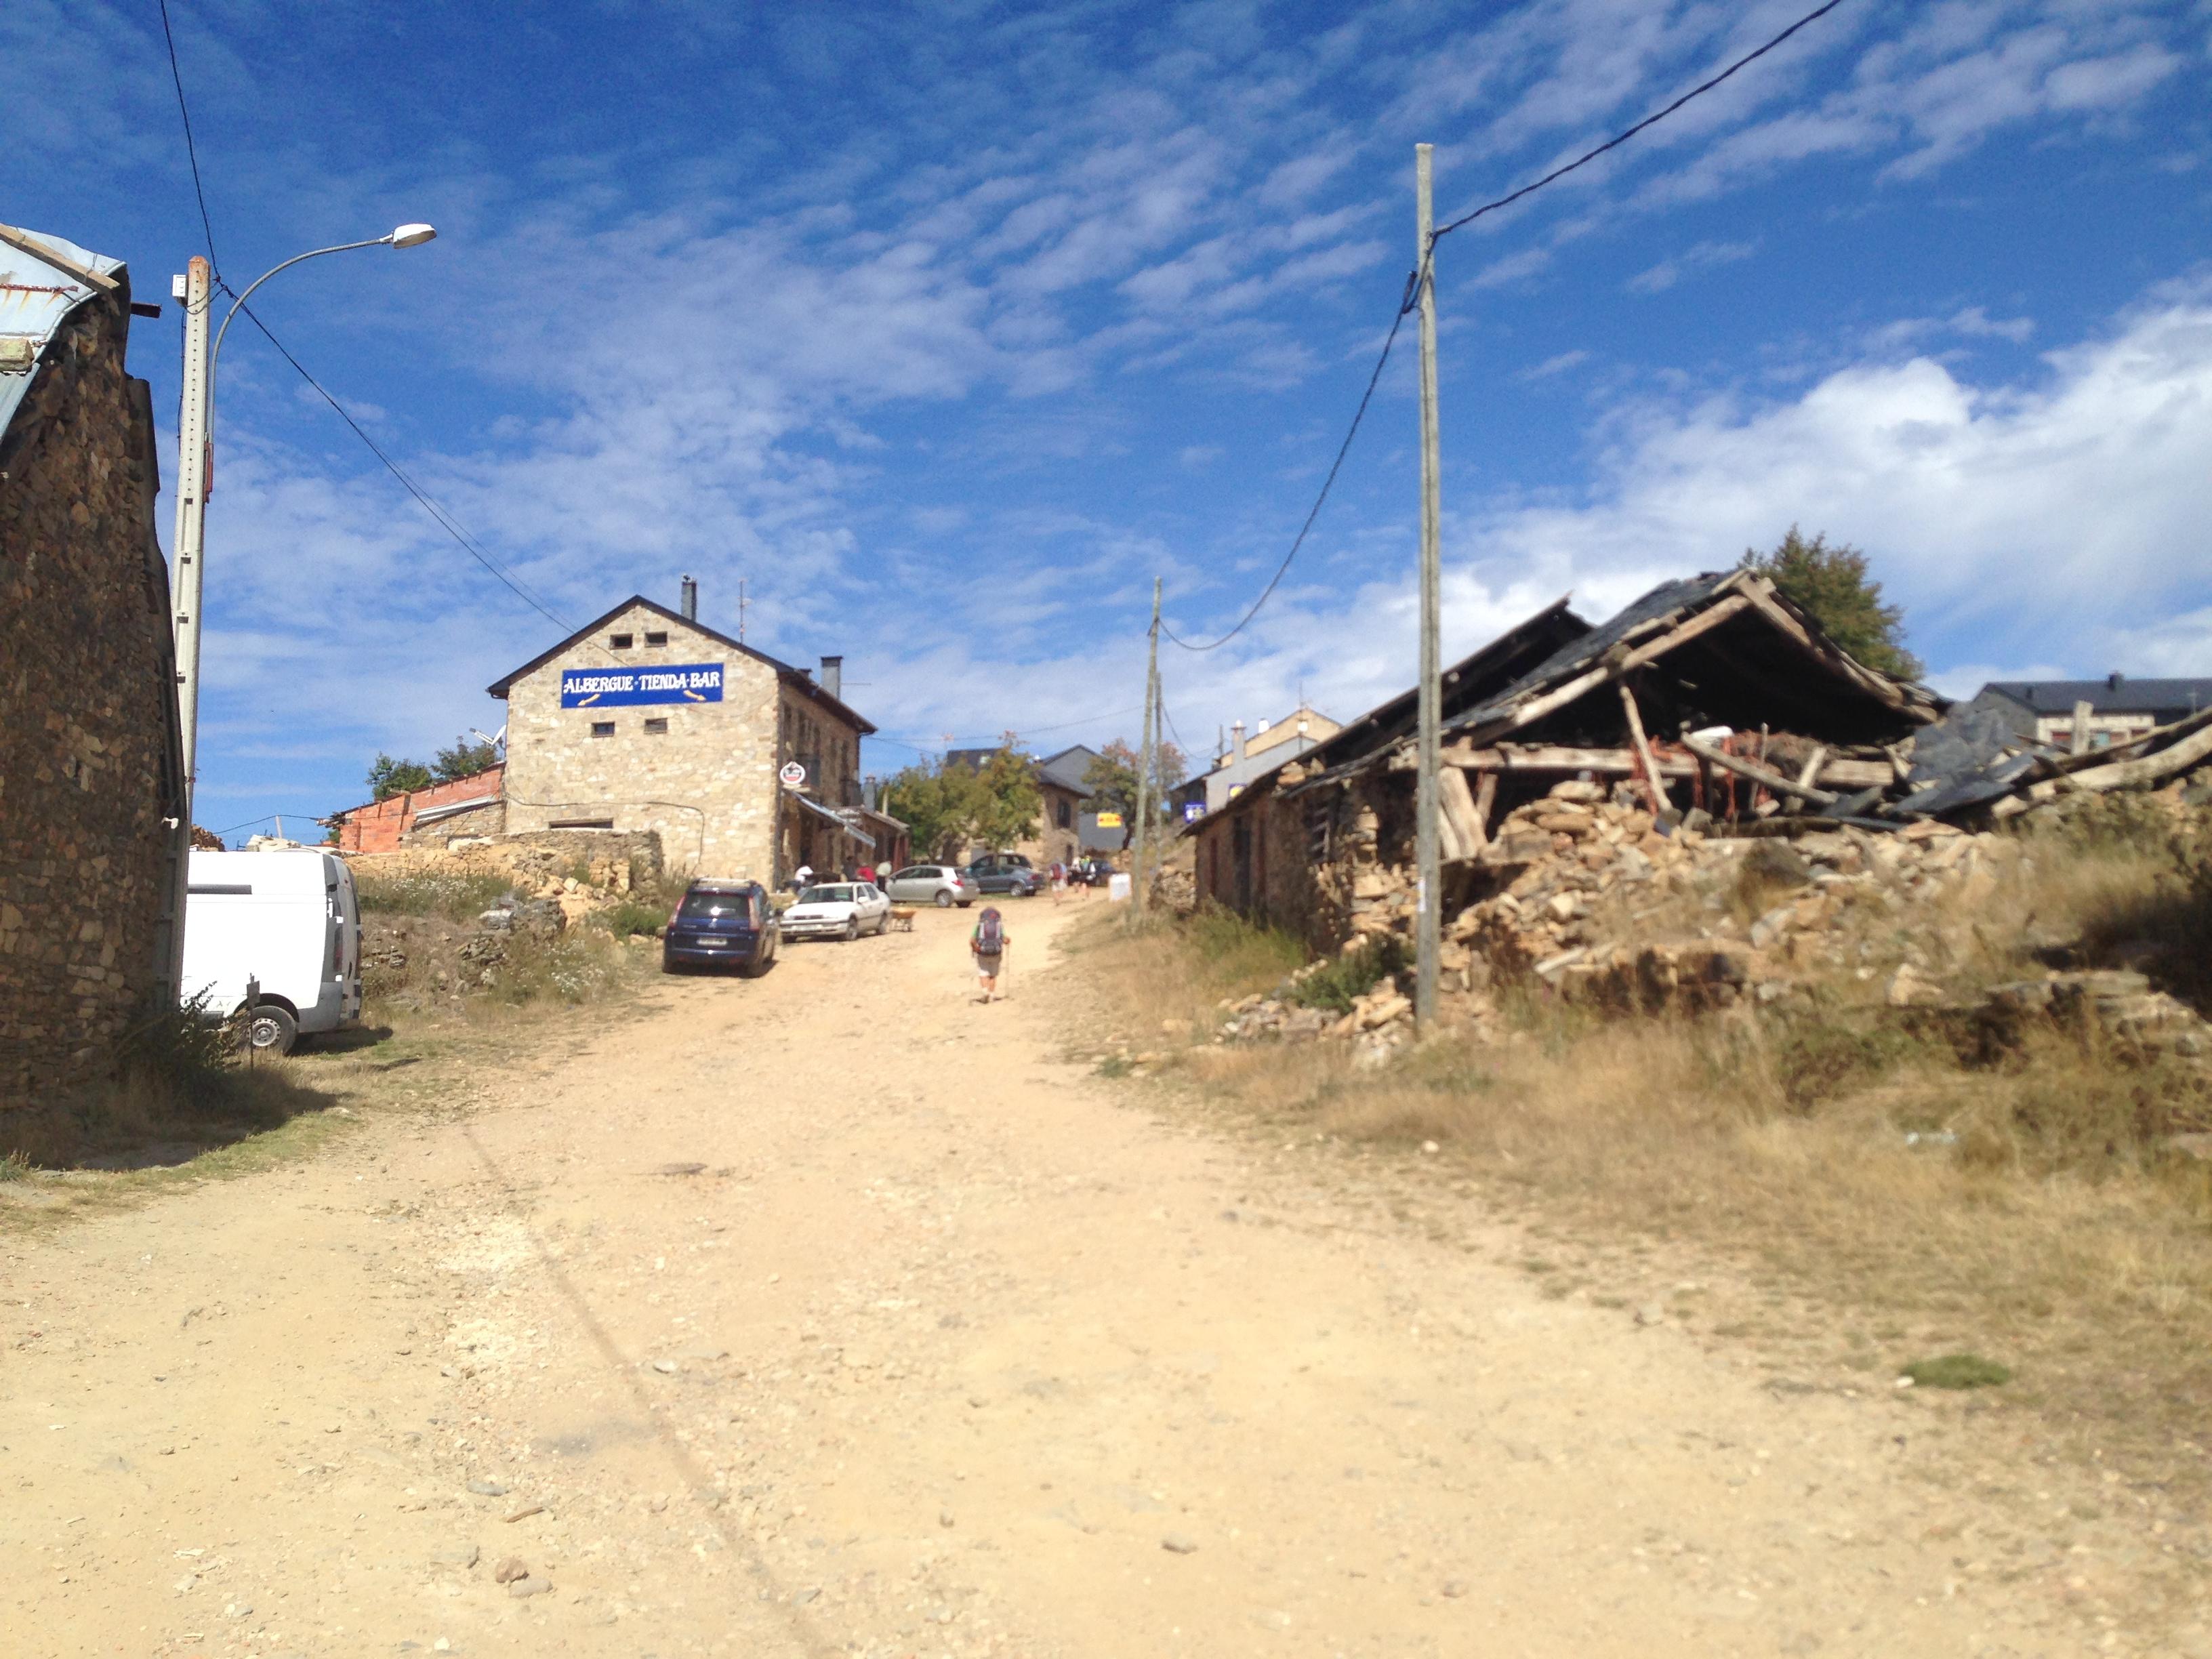 camino de santiago iphone 2014 919